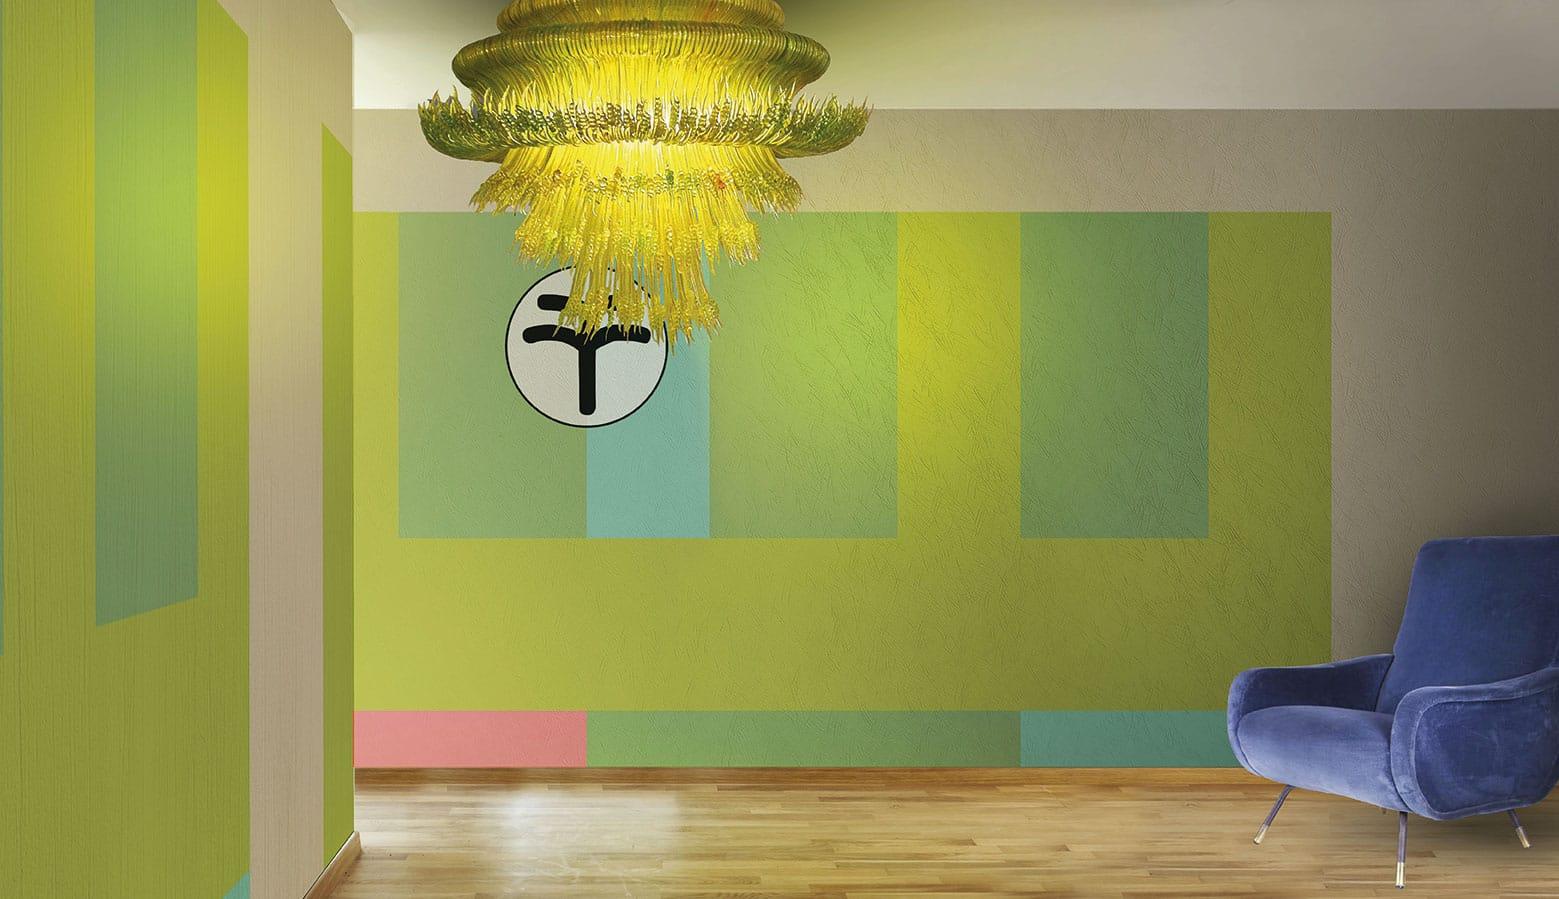 Vinyl wallpaper or fiberglass TIGER